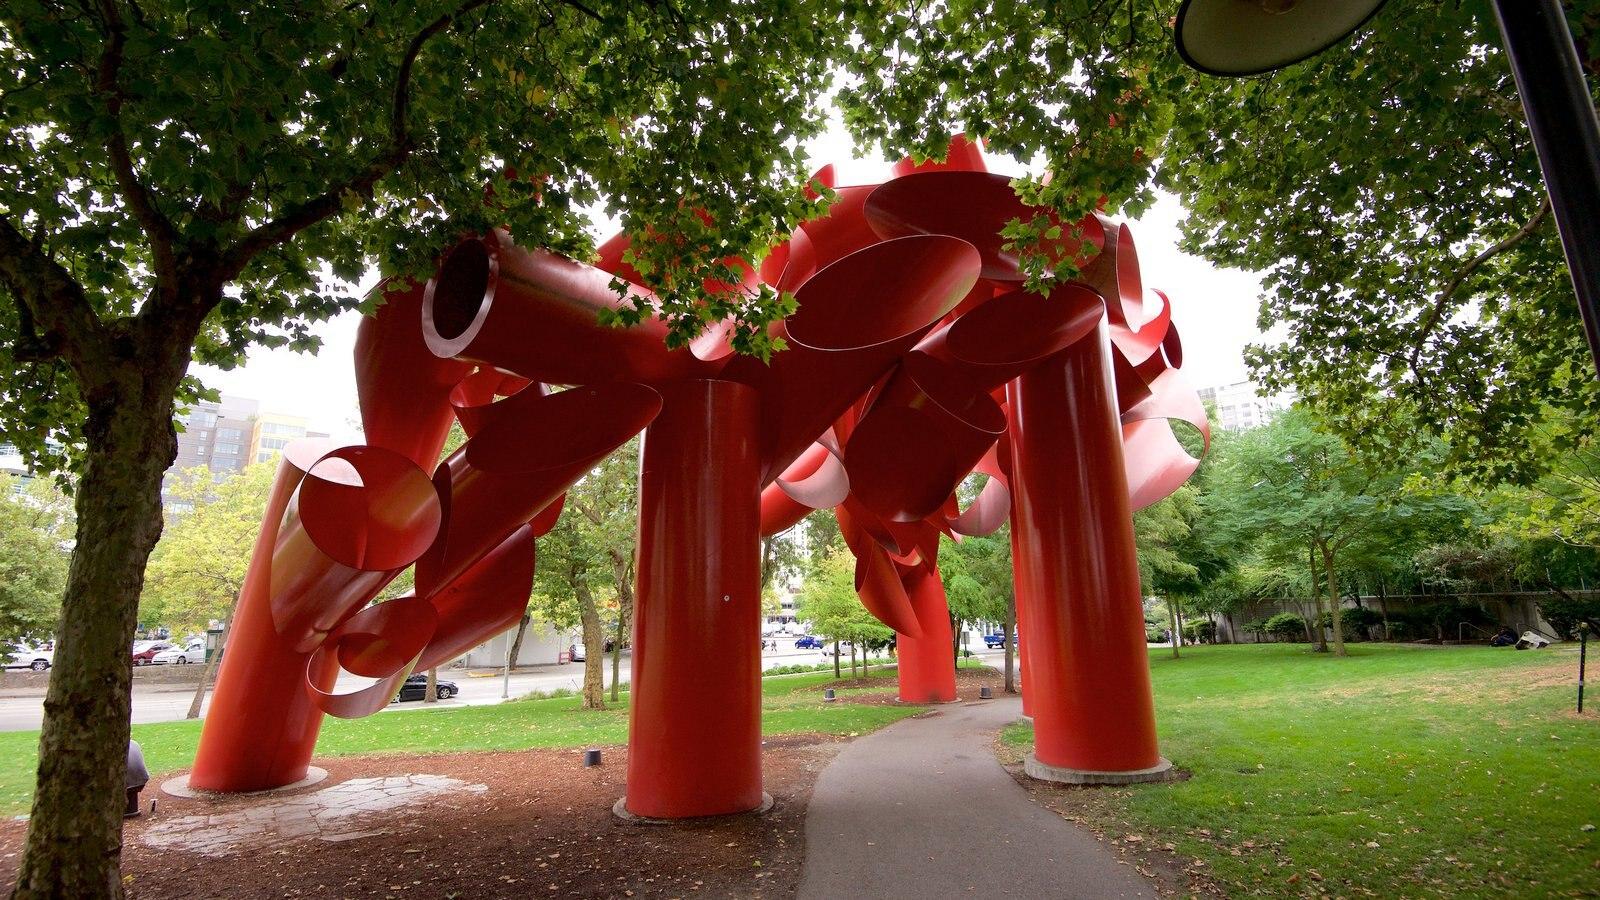 Queen Anne mostrando arte ao ar livre e um parque